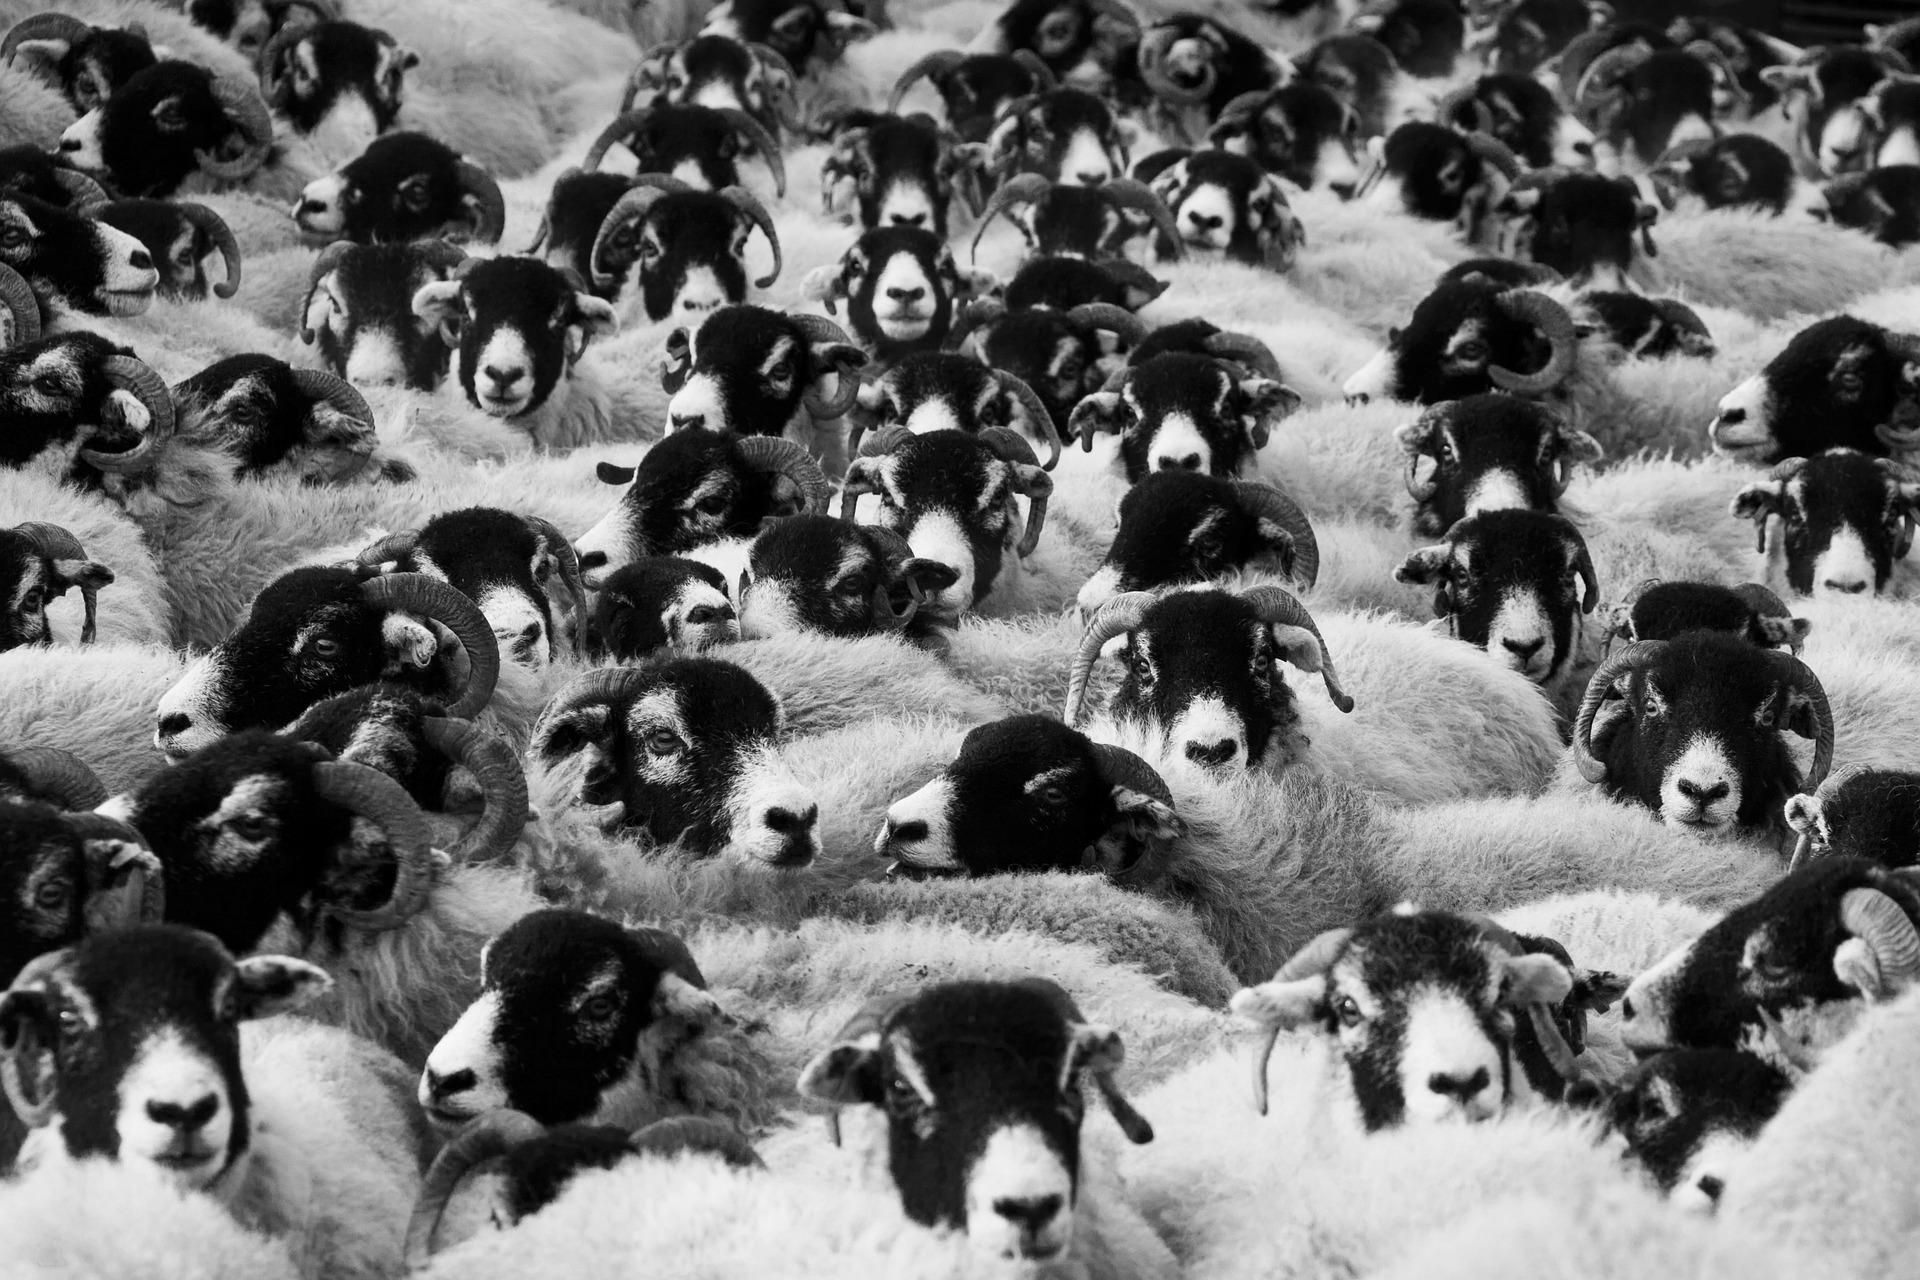 sheep-17482_1920.jpg